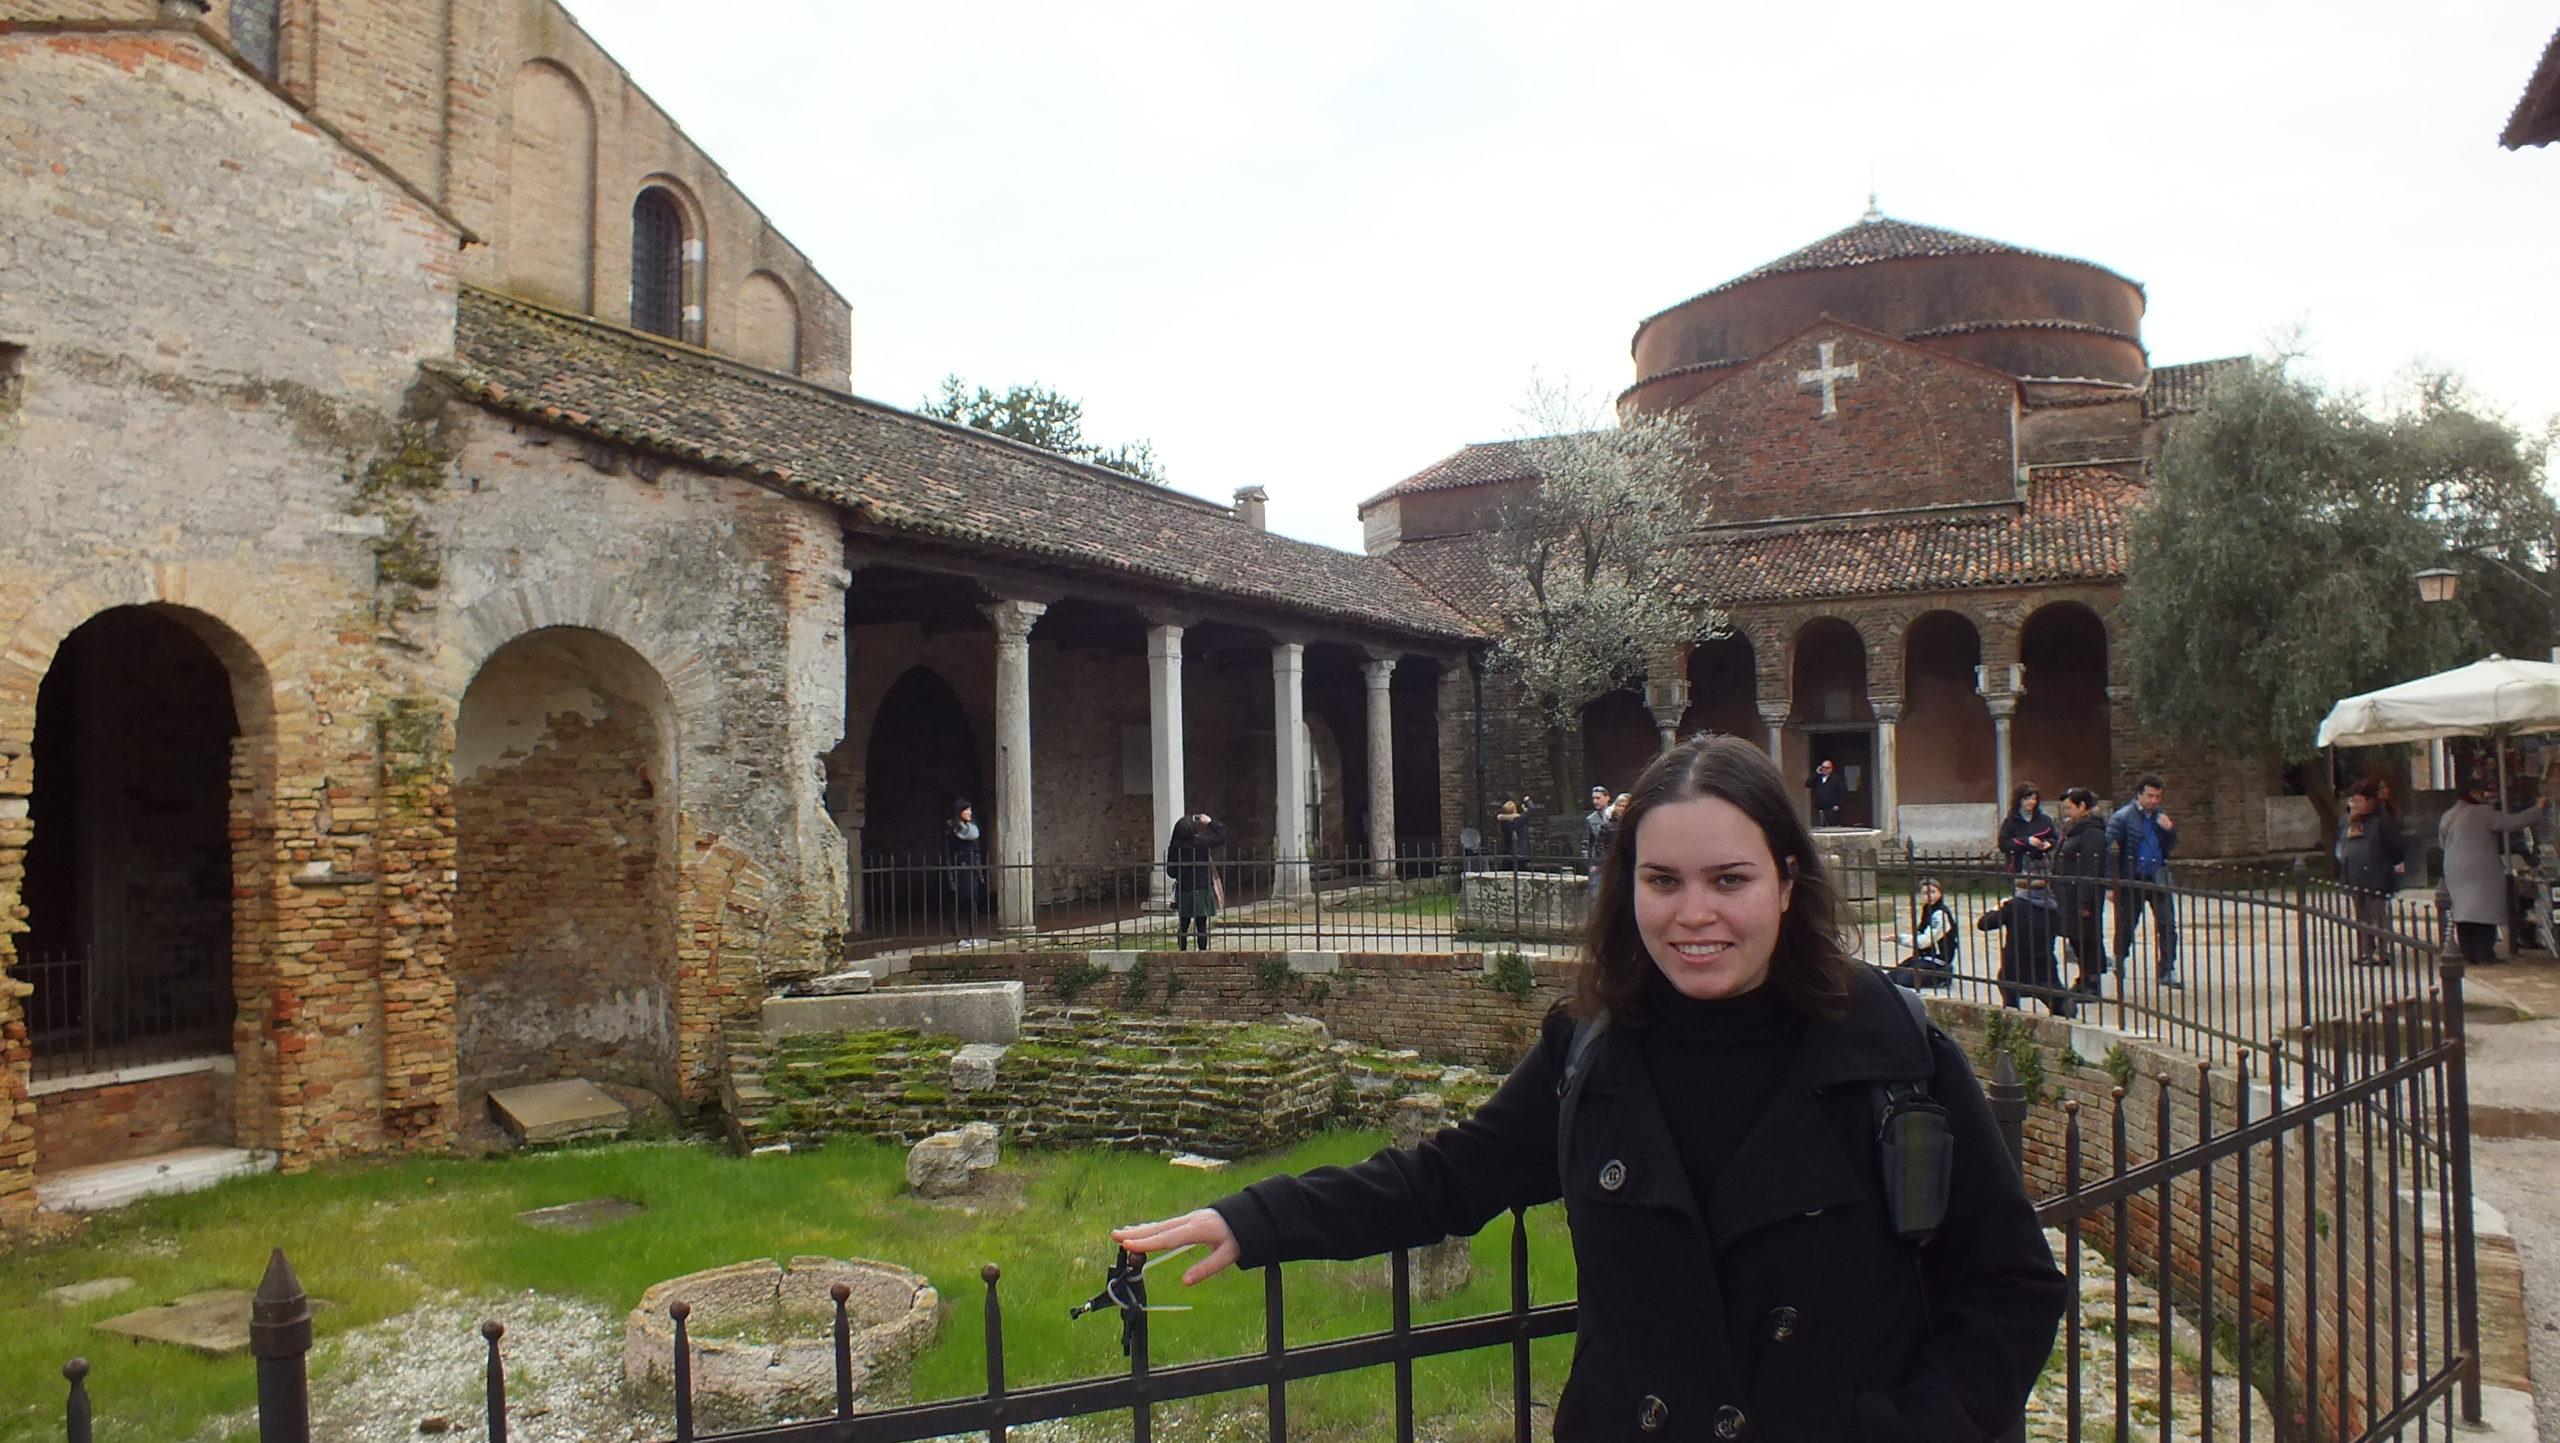 כנסיה בטורצ'לו